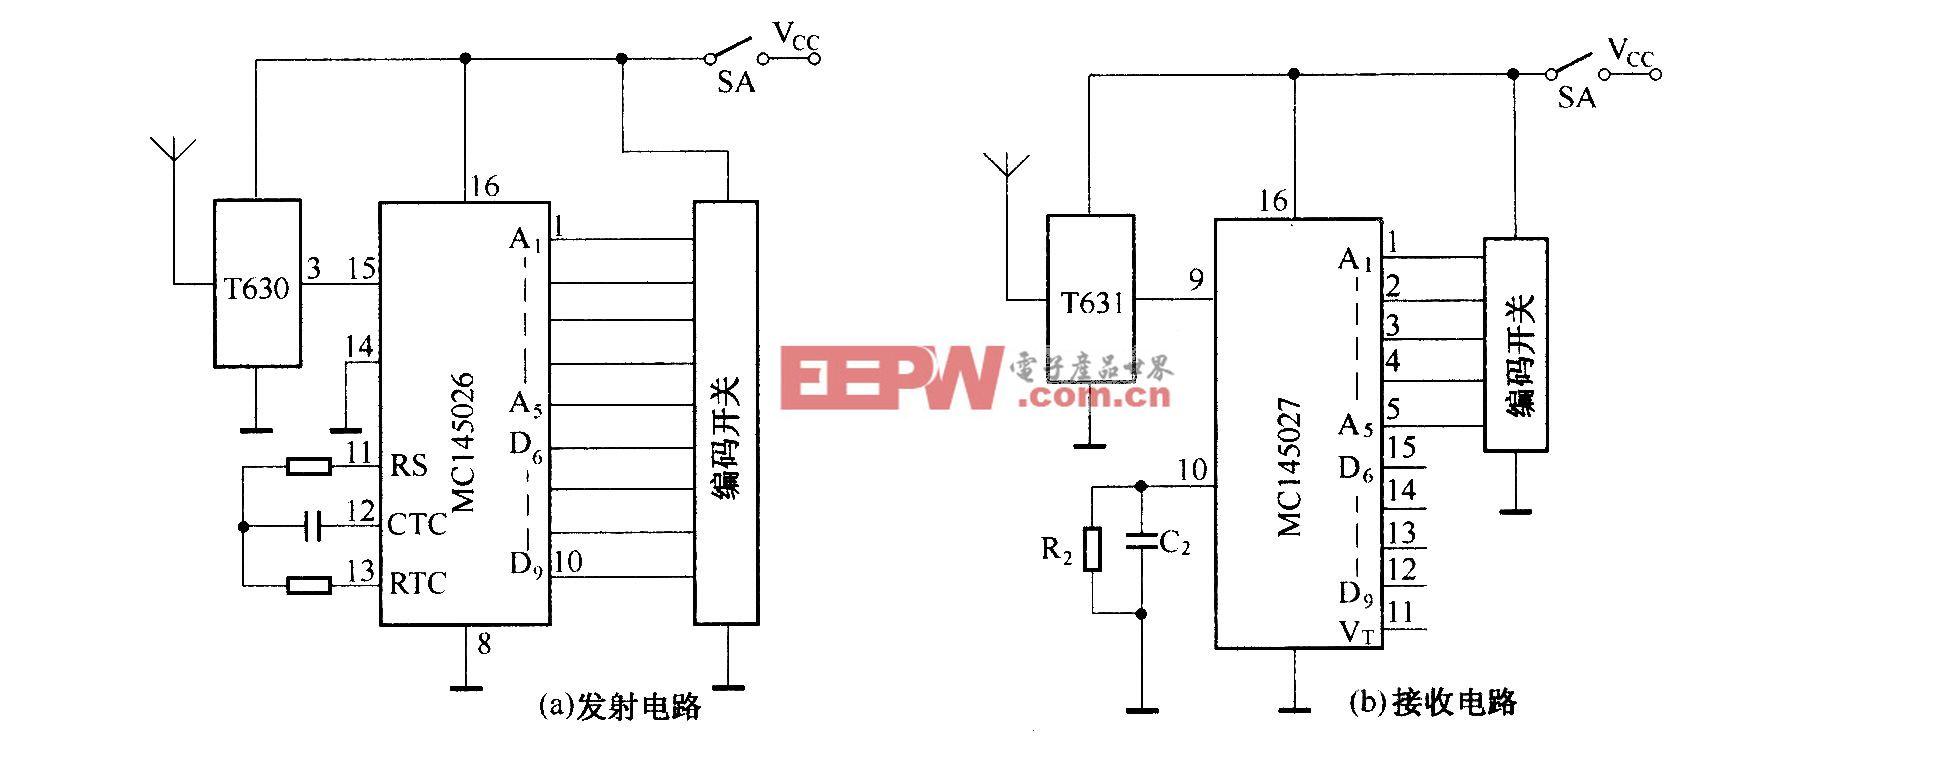 T630/T631组成的发射接收电路